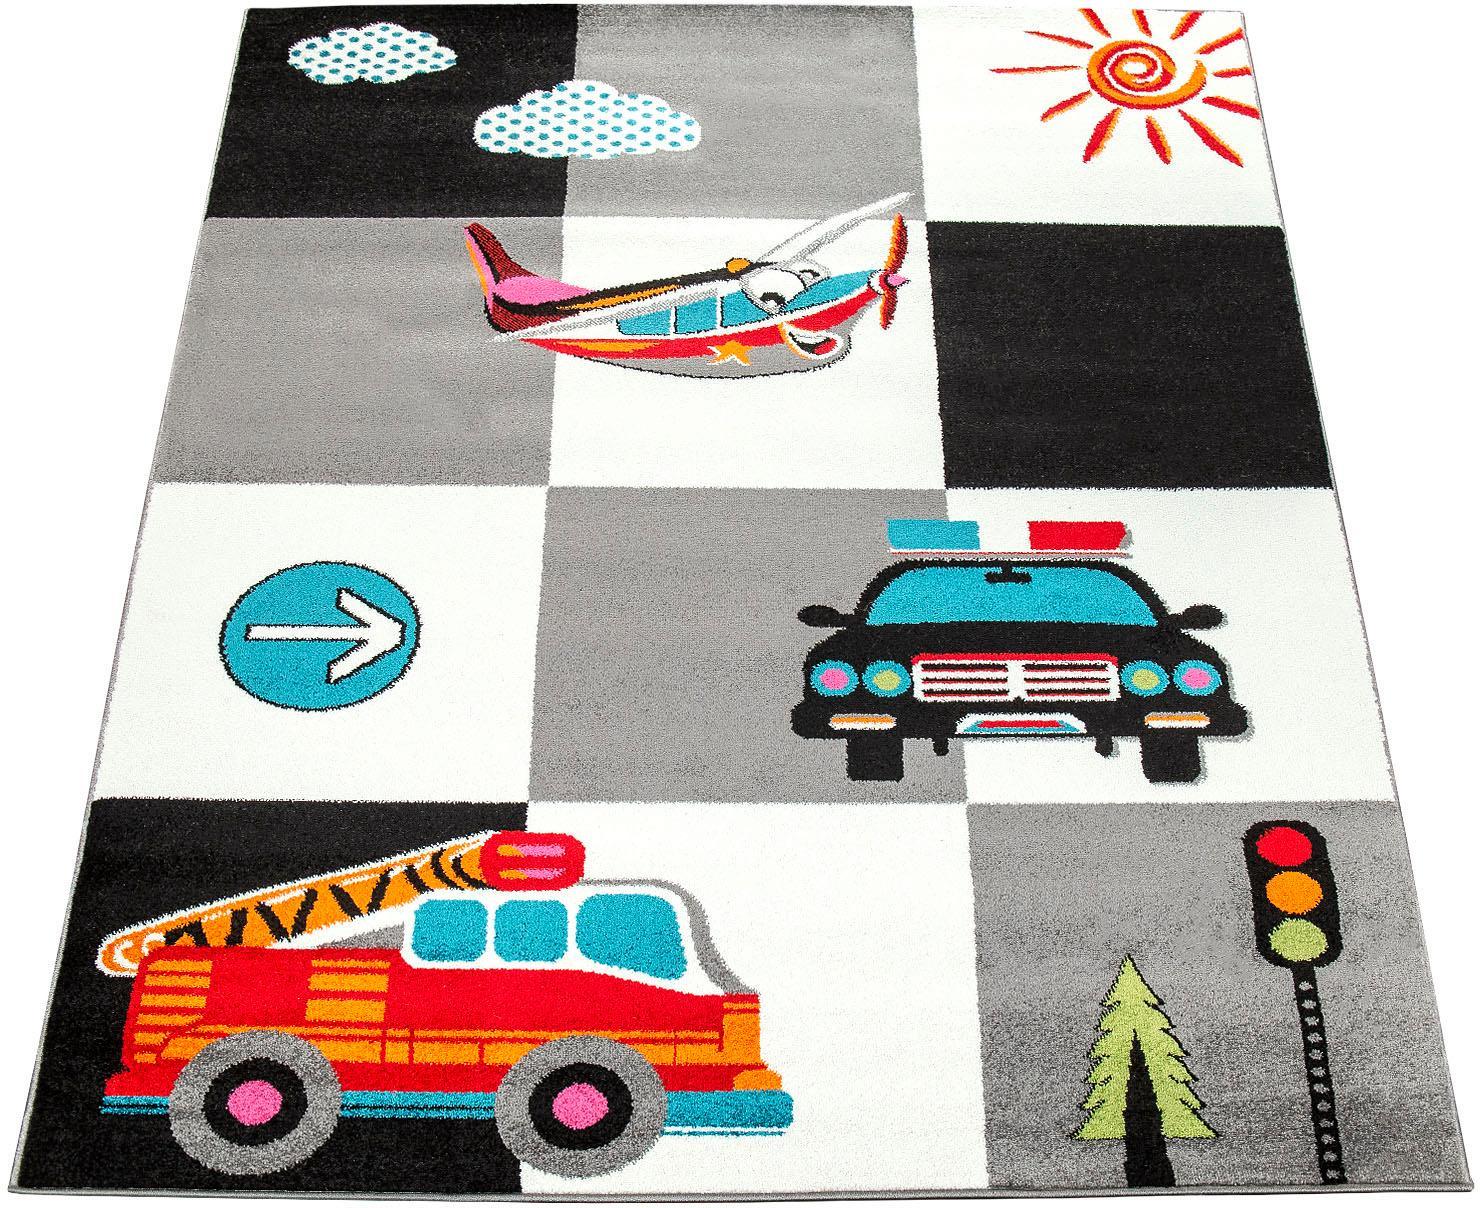 Paco Home Kinderteppich ECE 998, rechteckig, 14 mm Höhe, Kurzflor mit Verkehrmittel Motiven grau Kinder Bunte Kinderteppiche Teppiche